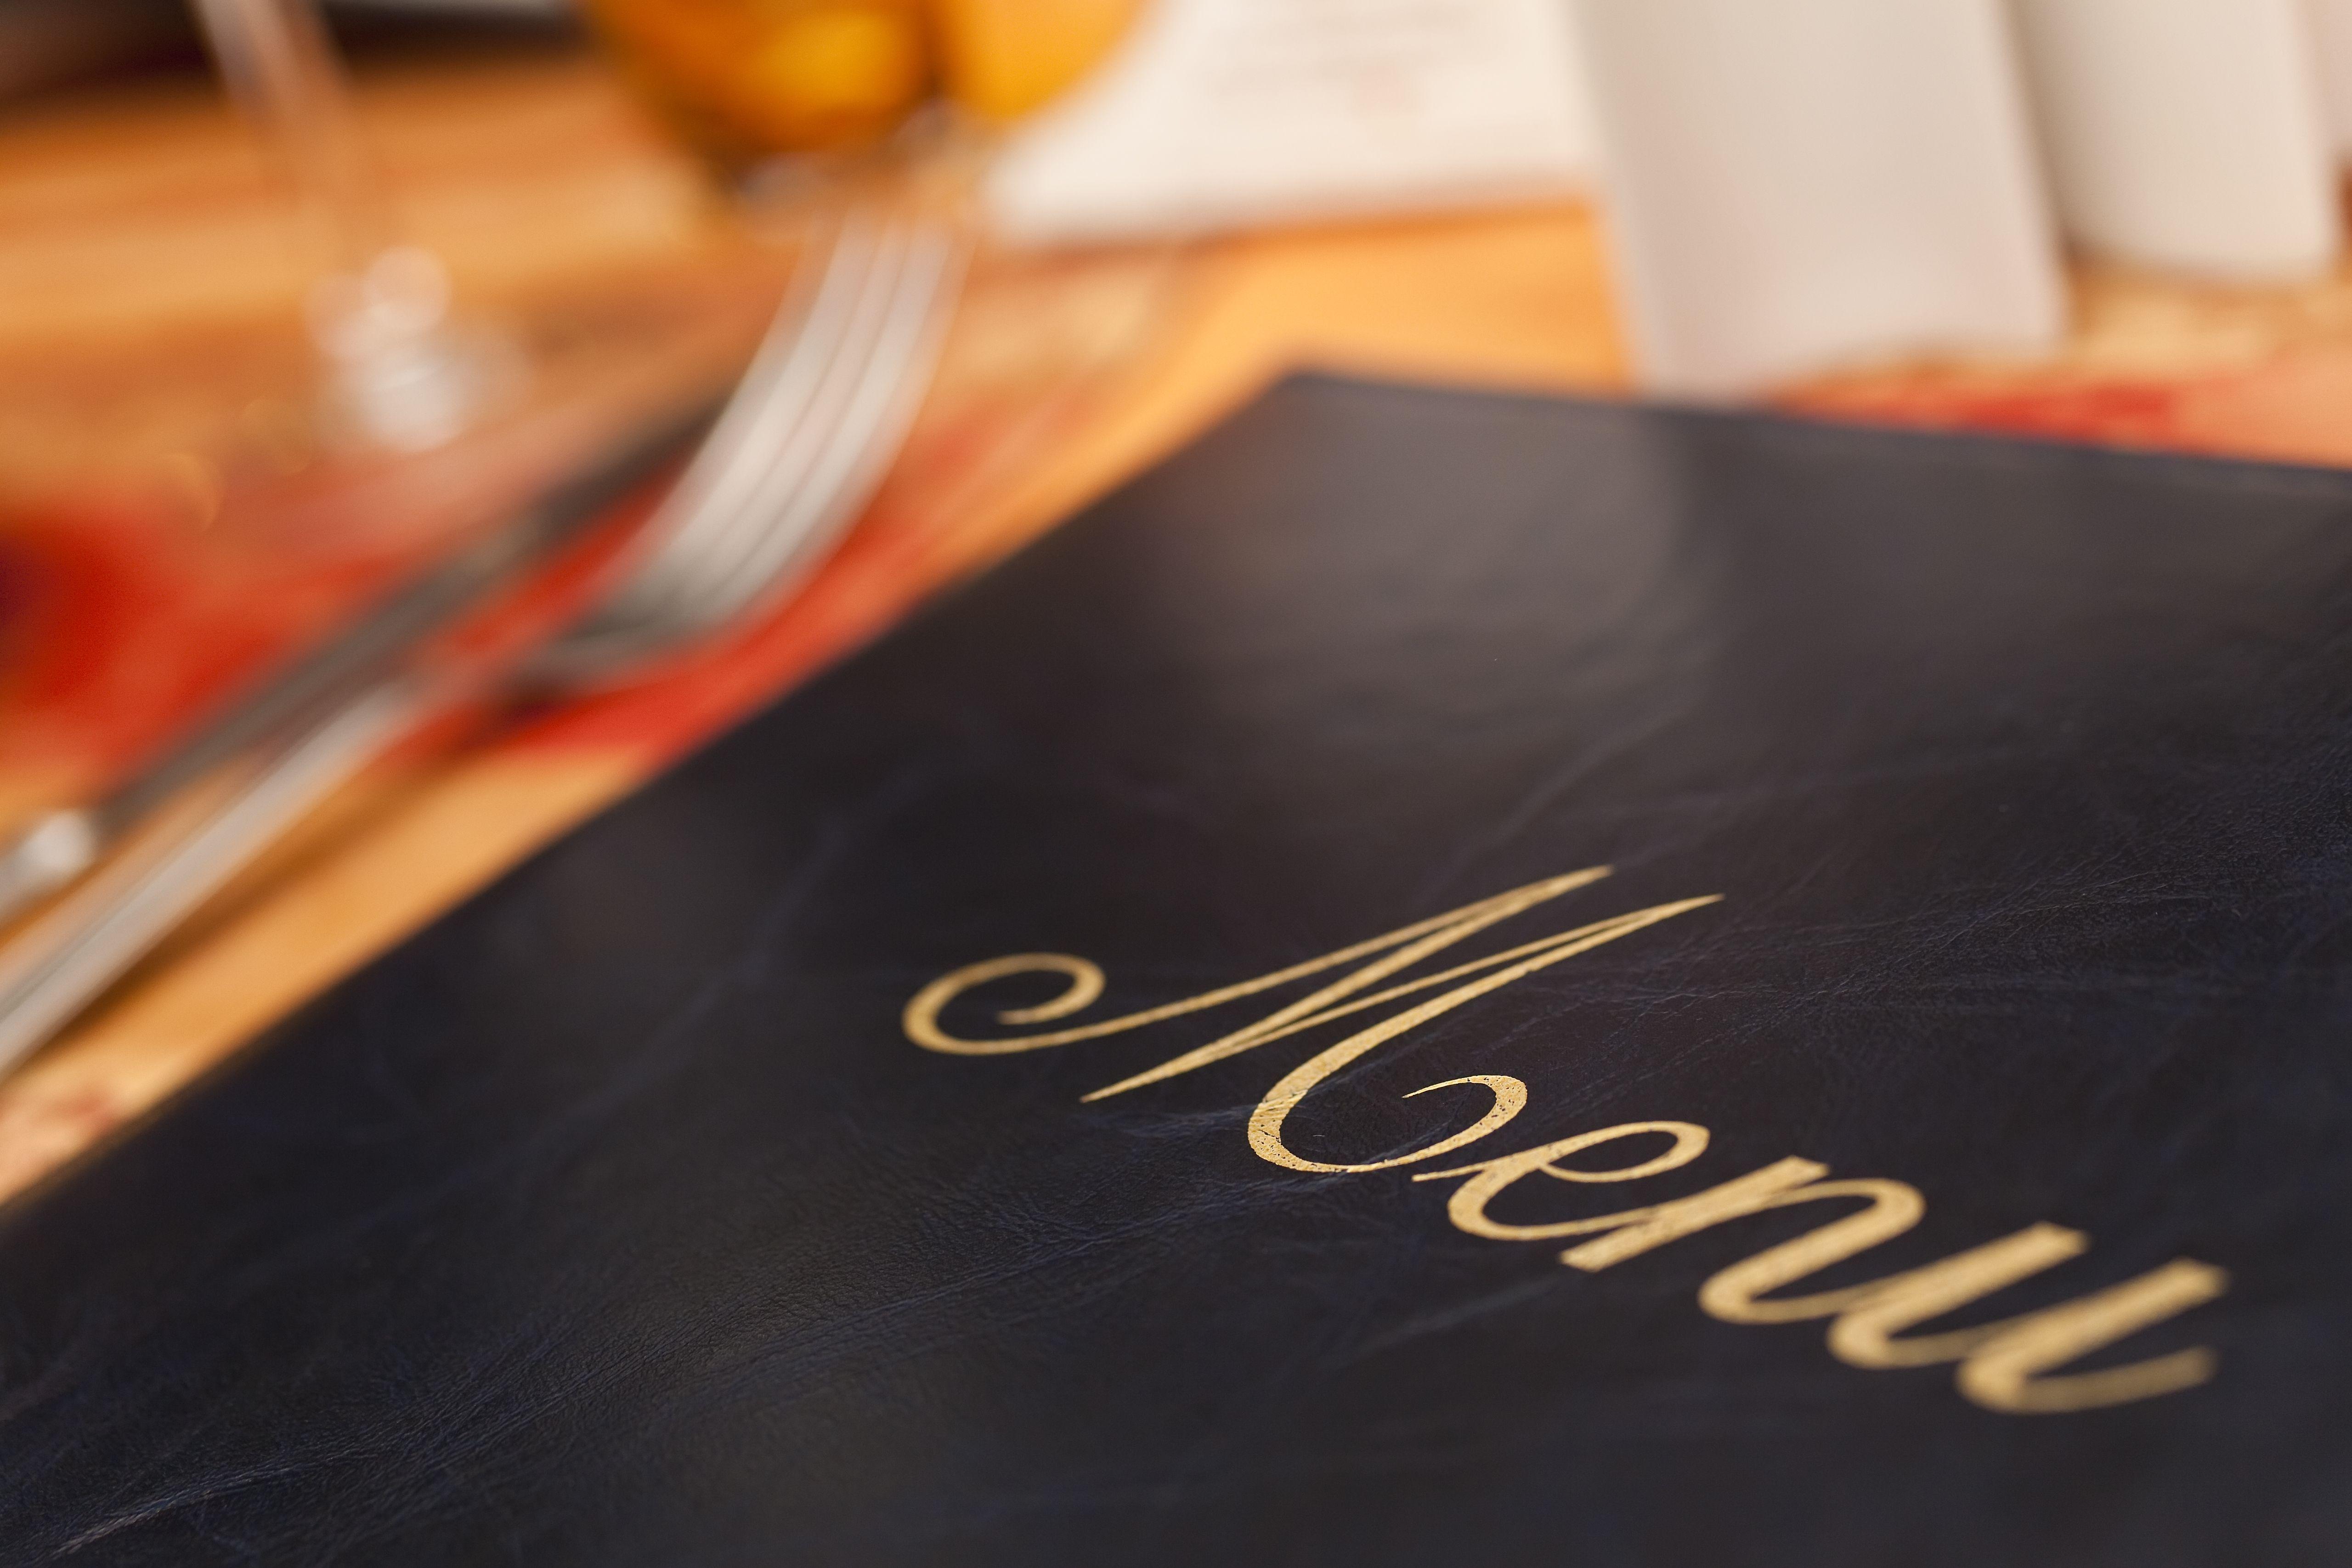 MENÚS BANQUETES : Carta de Restaurante Galicia Las Tablas